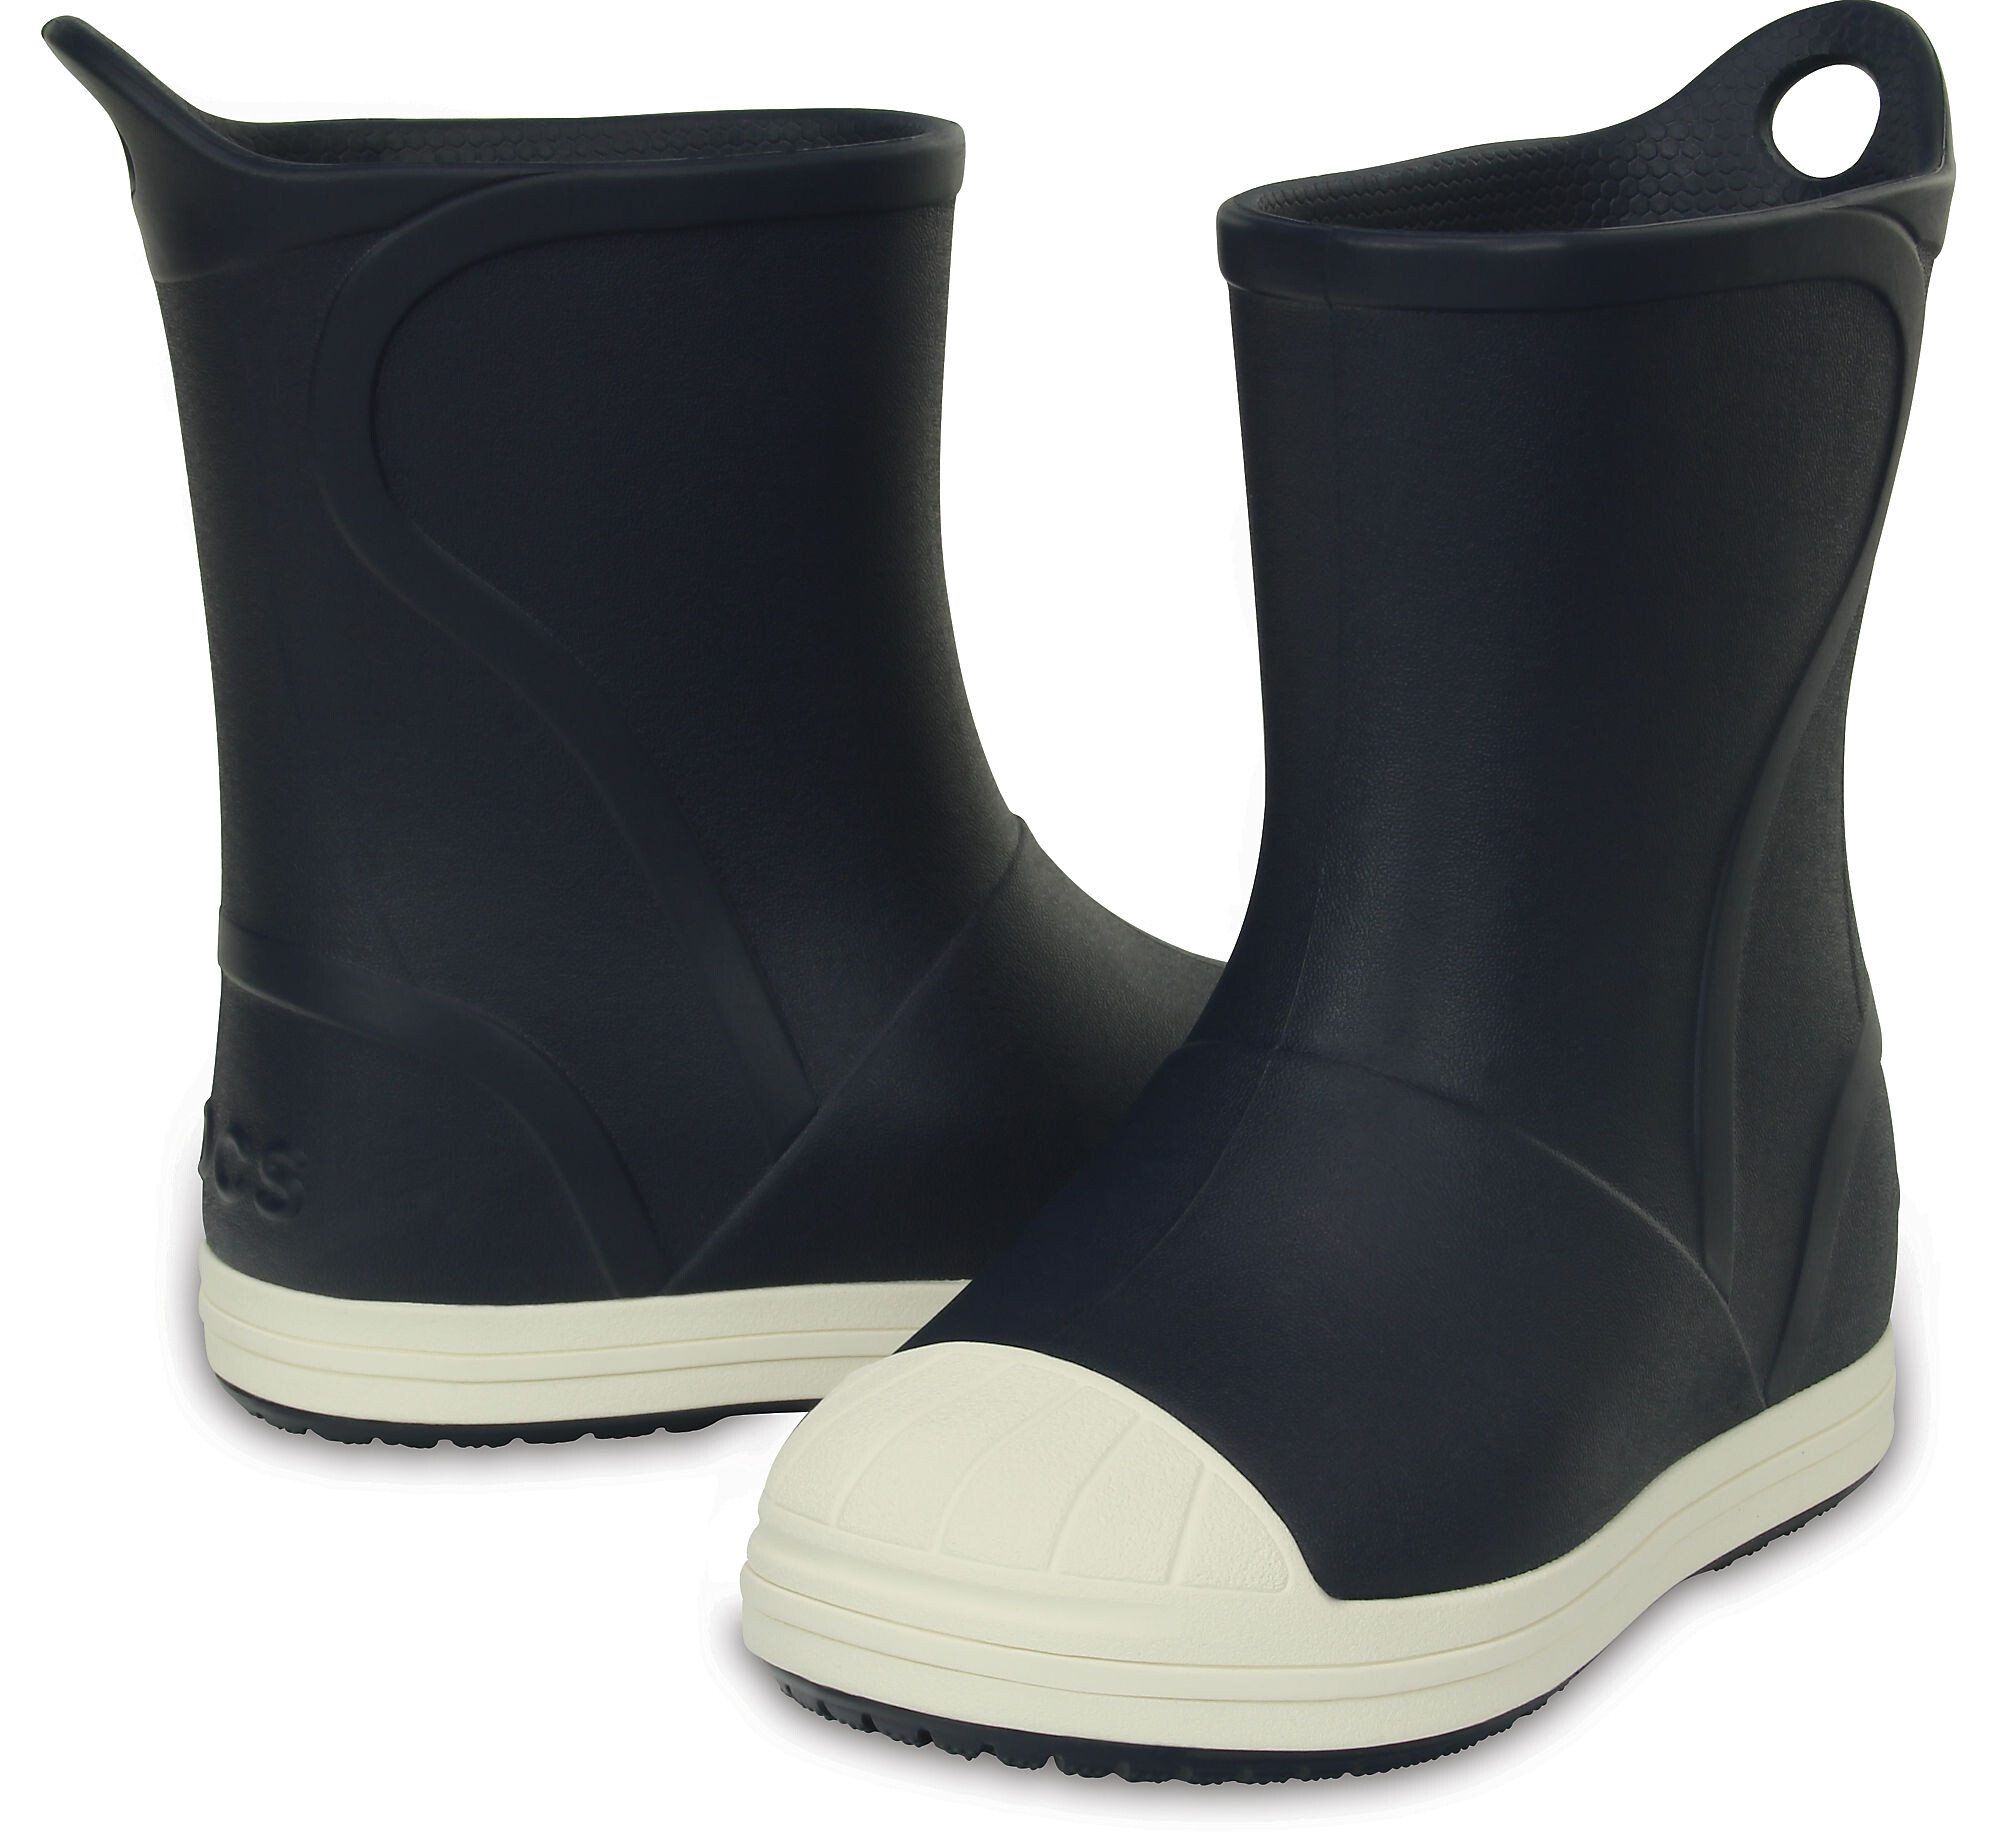 Crocs Bump It Gummistøvler Børn blå | Find outdoortøj, sko & udstyr på nettet | CAMPZ.dk